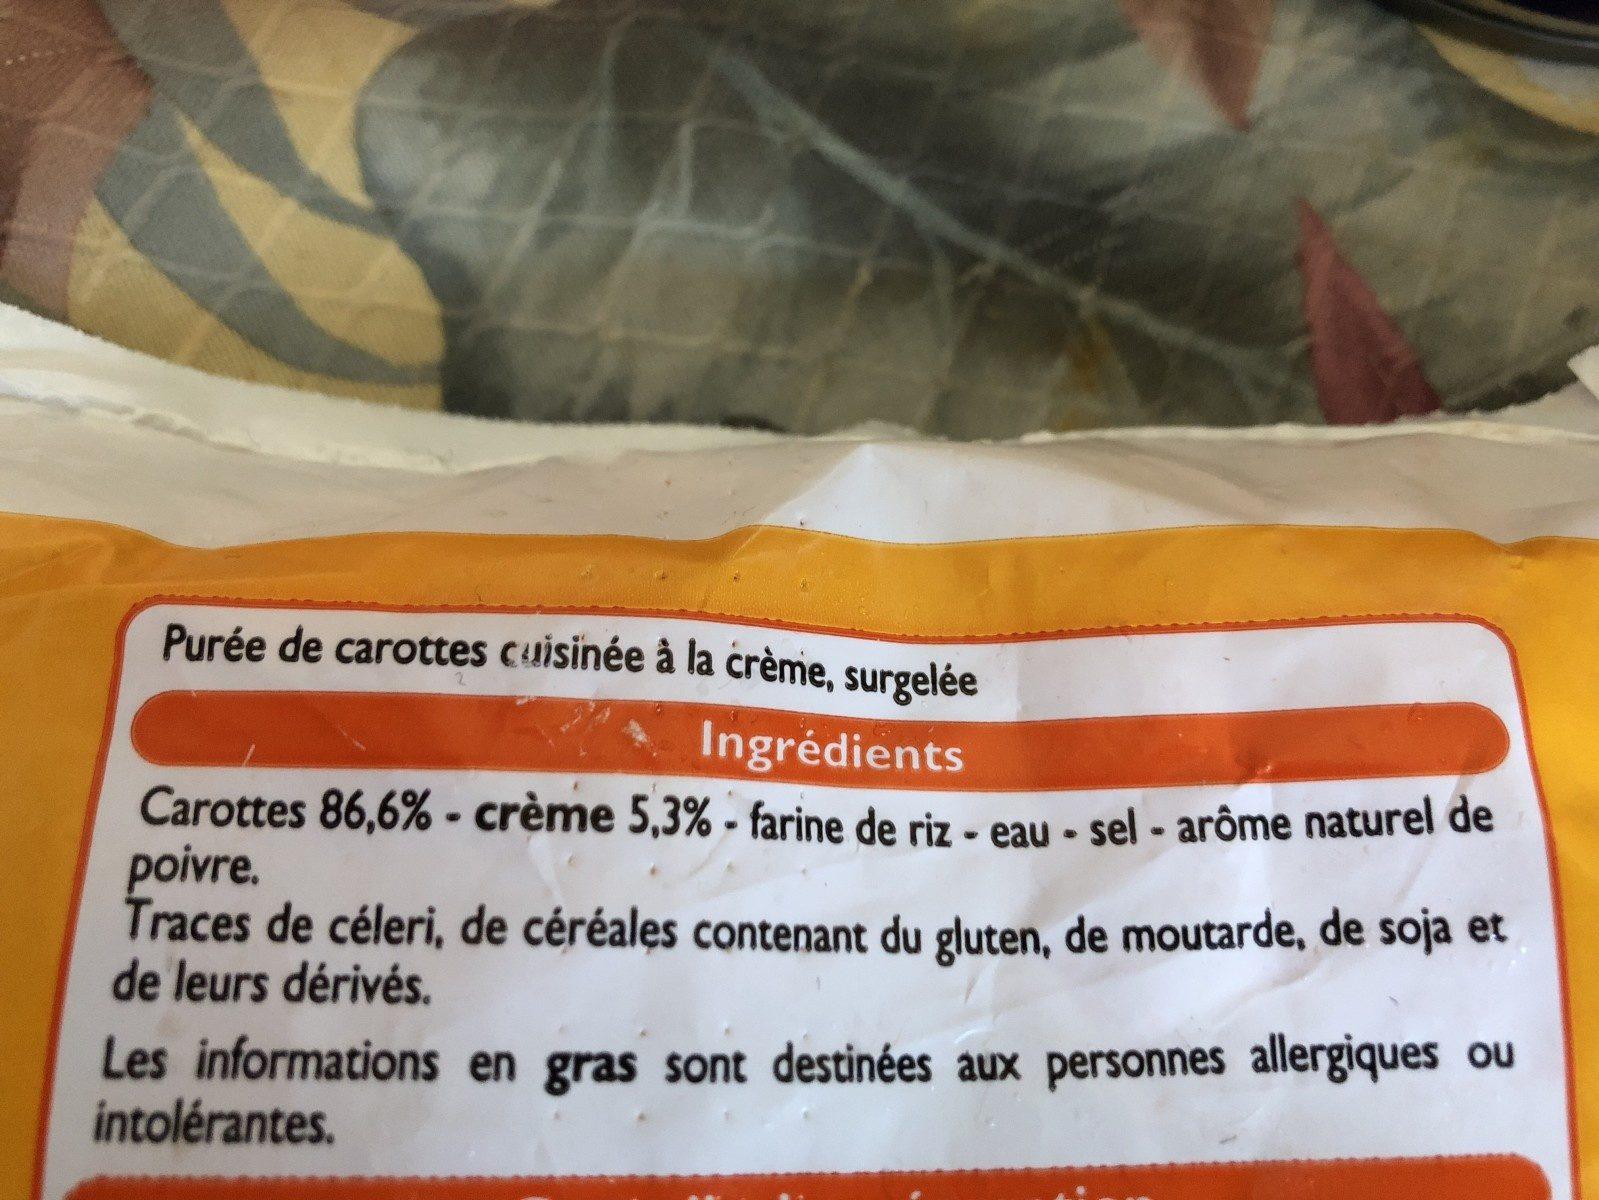 Purée de Carottes - Ingrédients